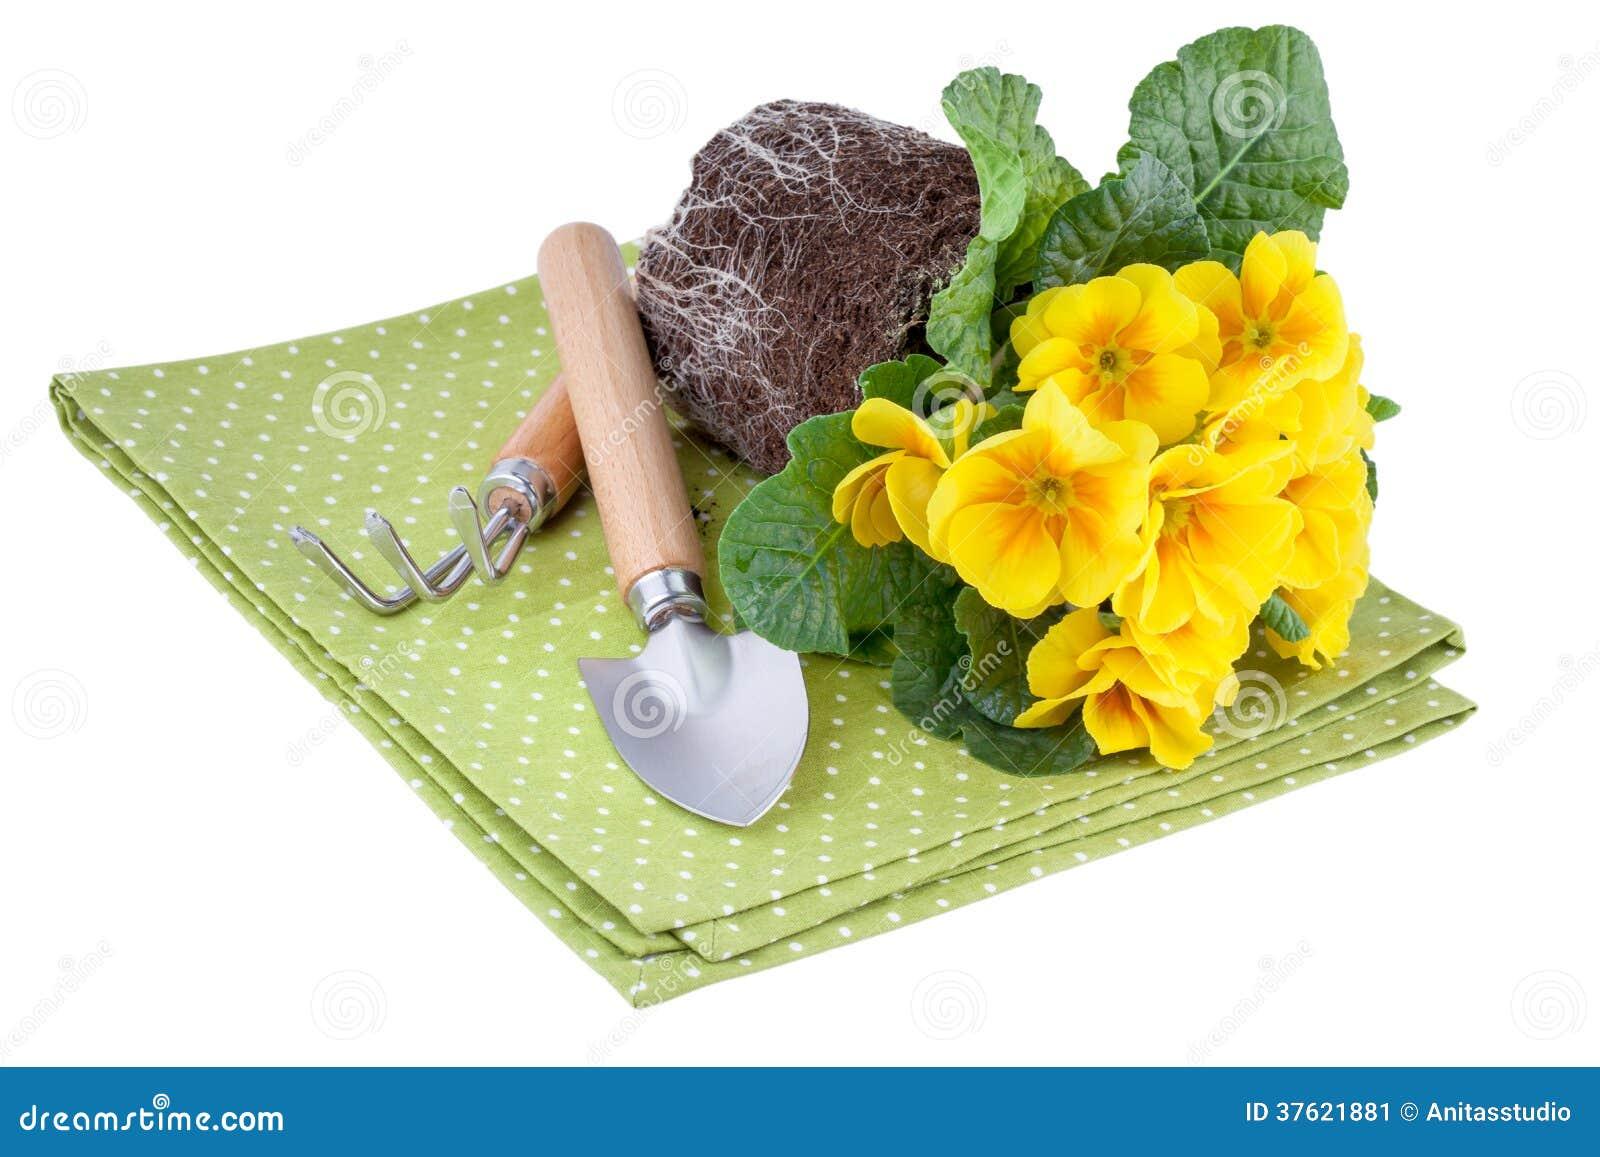 gelbe blumen mit garten werkzeugen stockbild bild 37621881. Black Bedroom Furniture Sets. Home Design Ideas